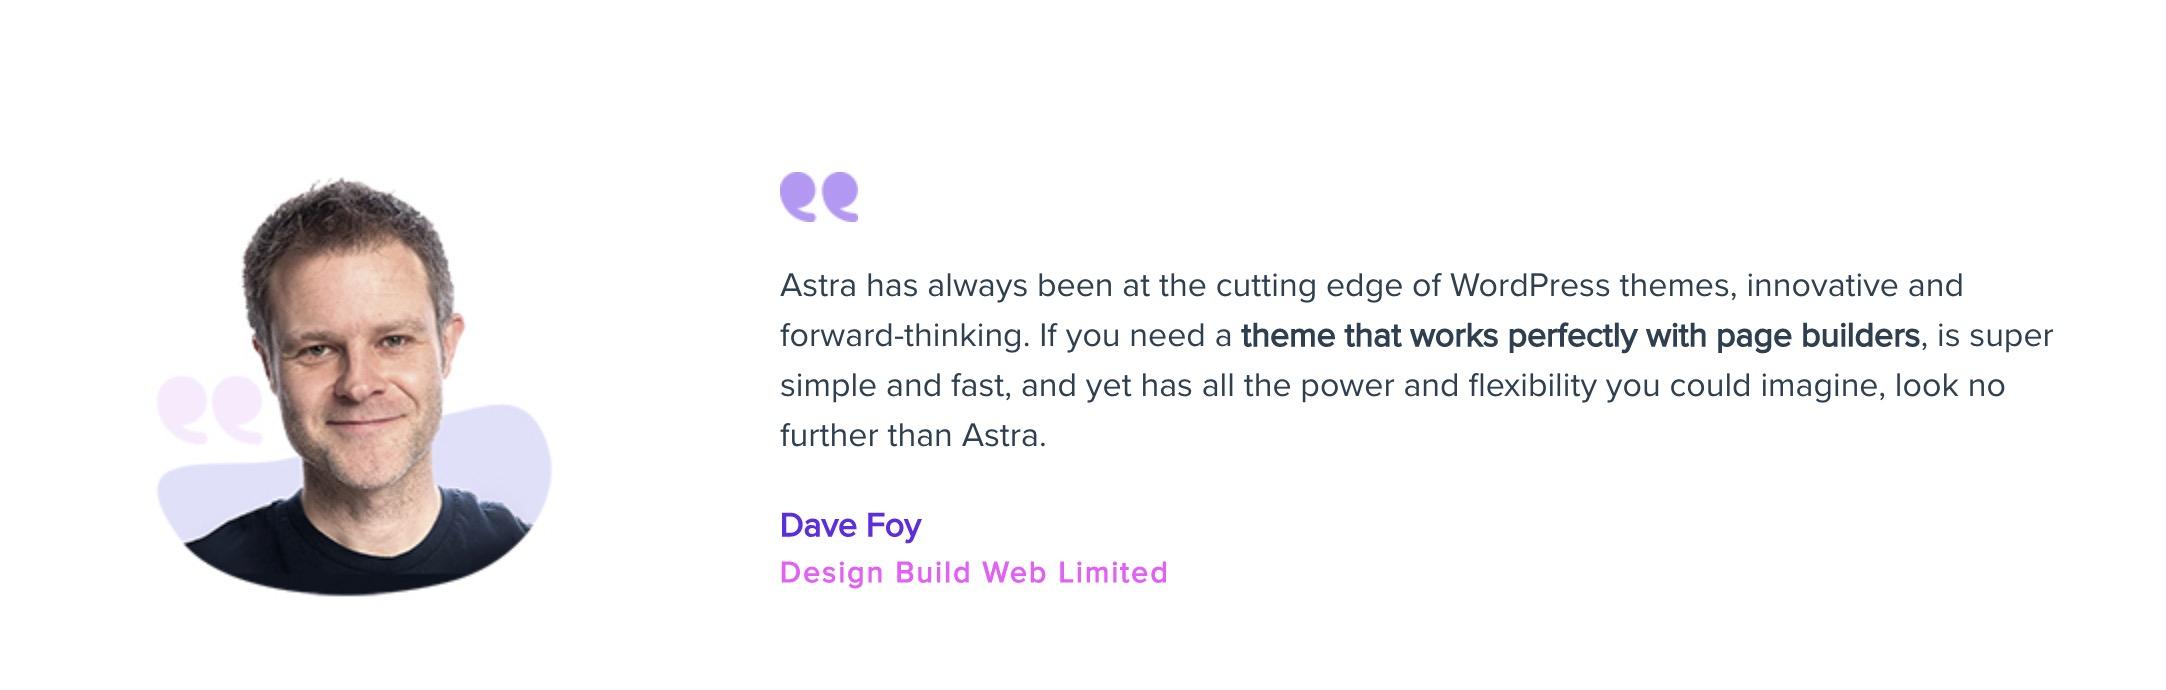 Astra testimonial - Dave Foy